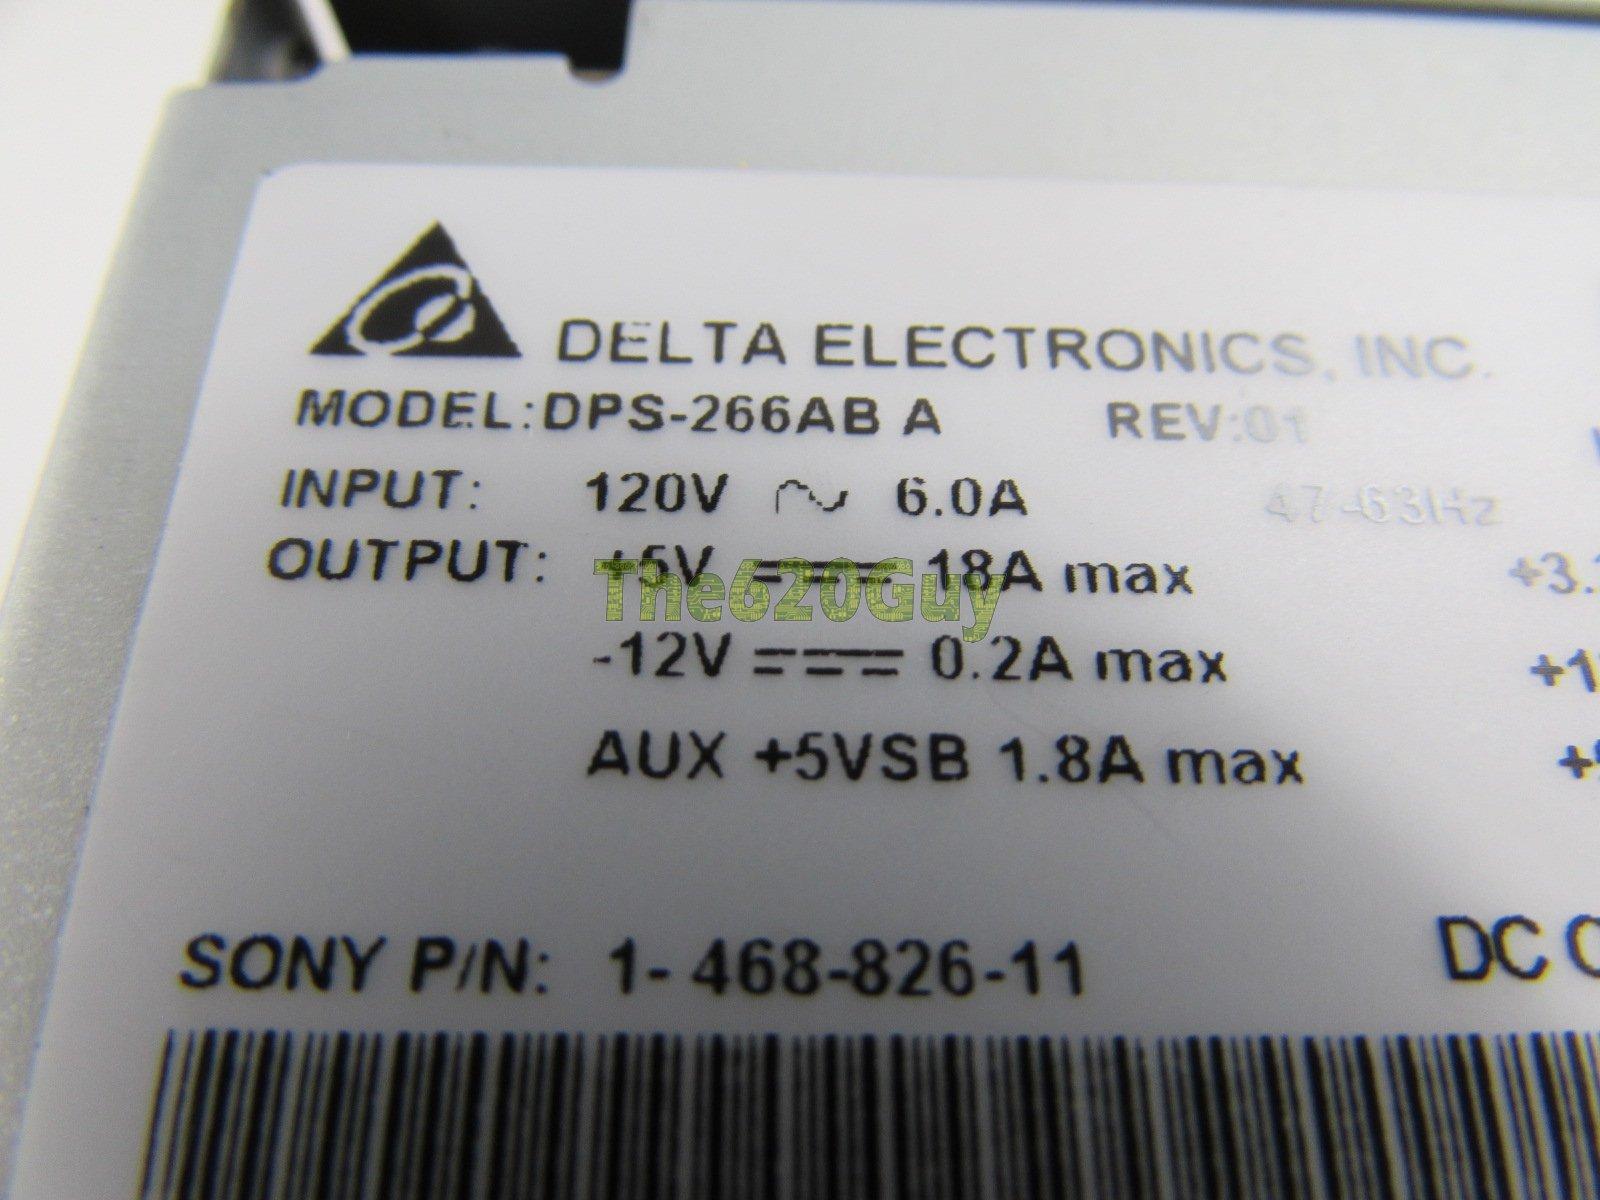 Sony PCV-2244 300 Watts 300W SFX12V Desktop Power Supply PSU Delta  DPS-266AB A